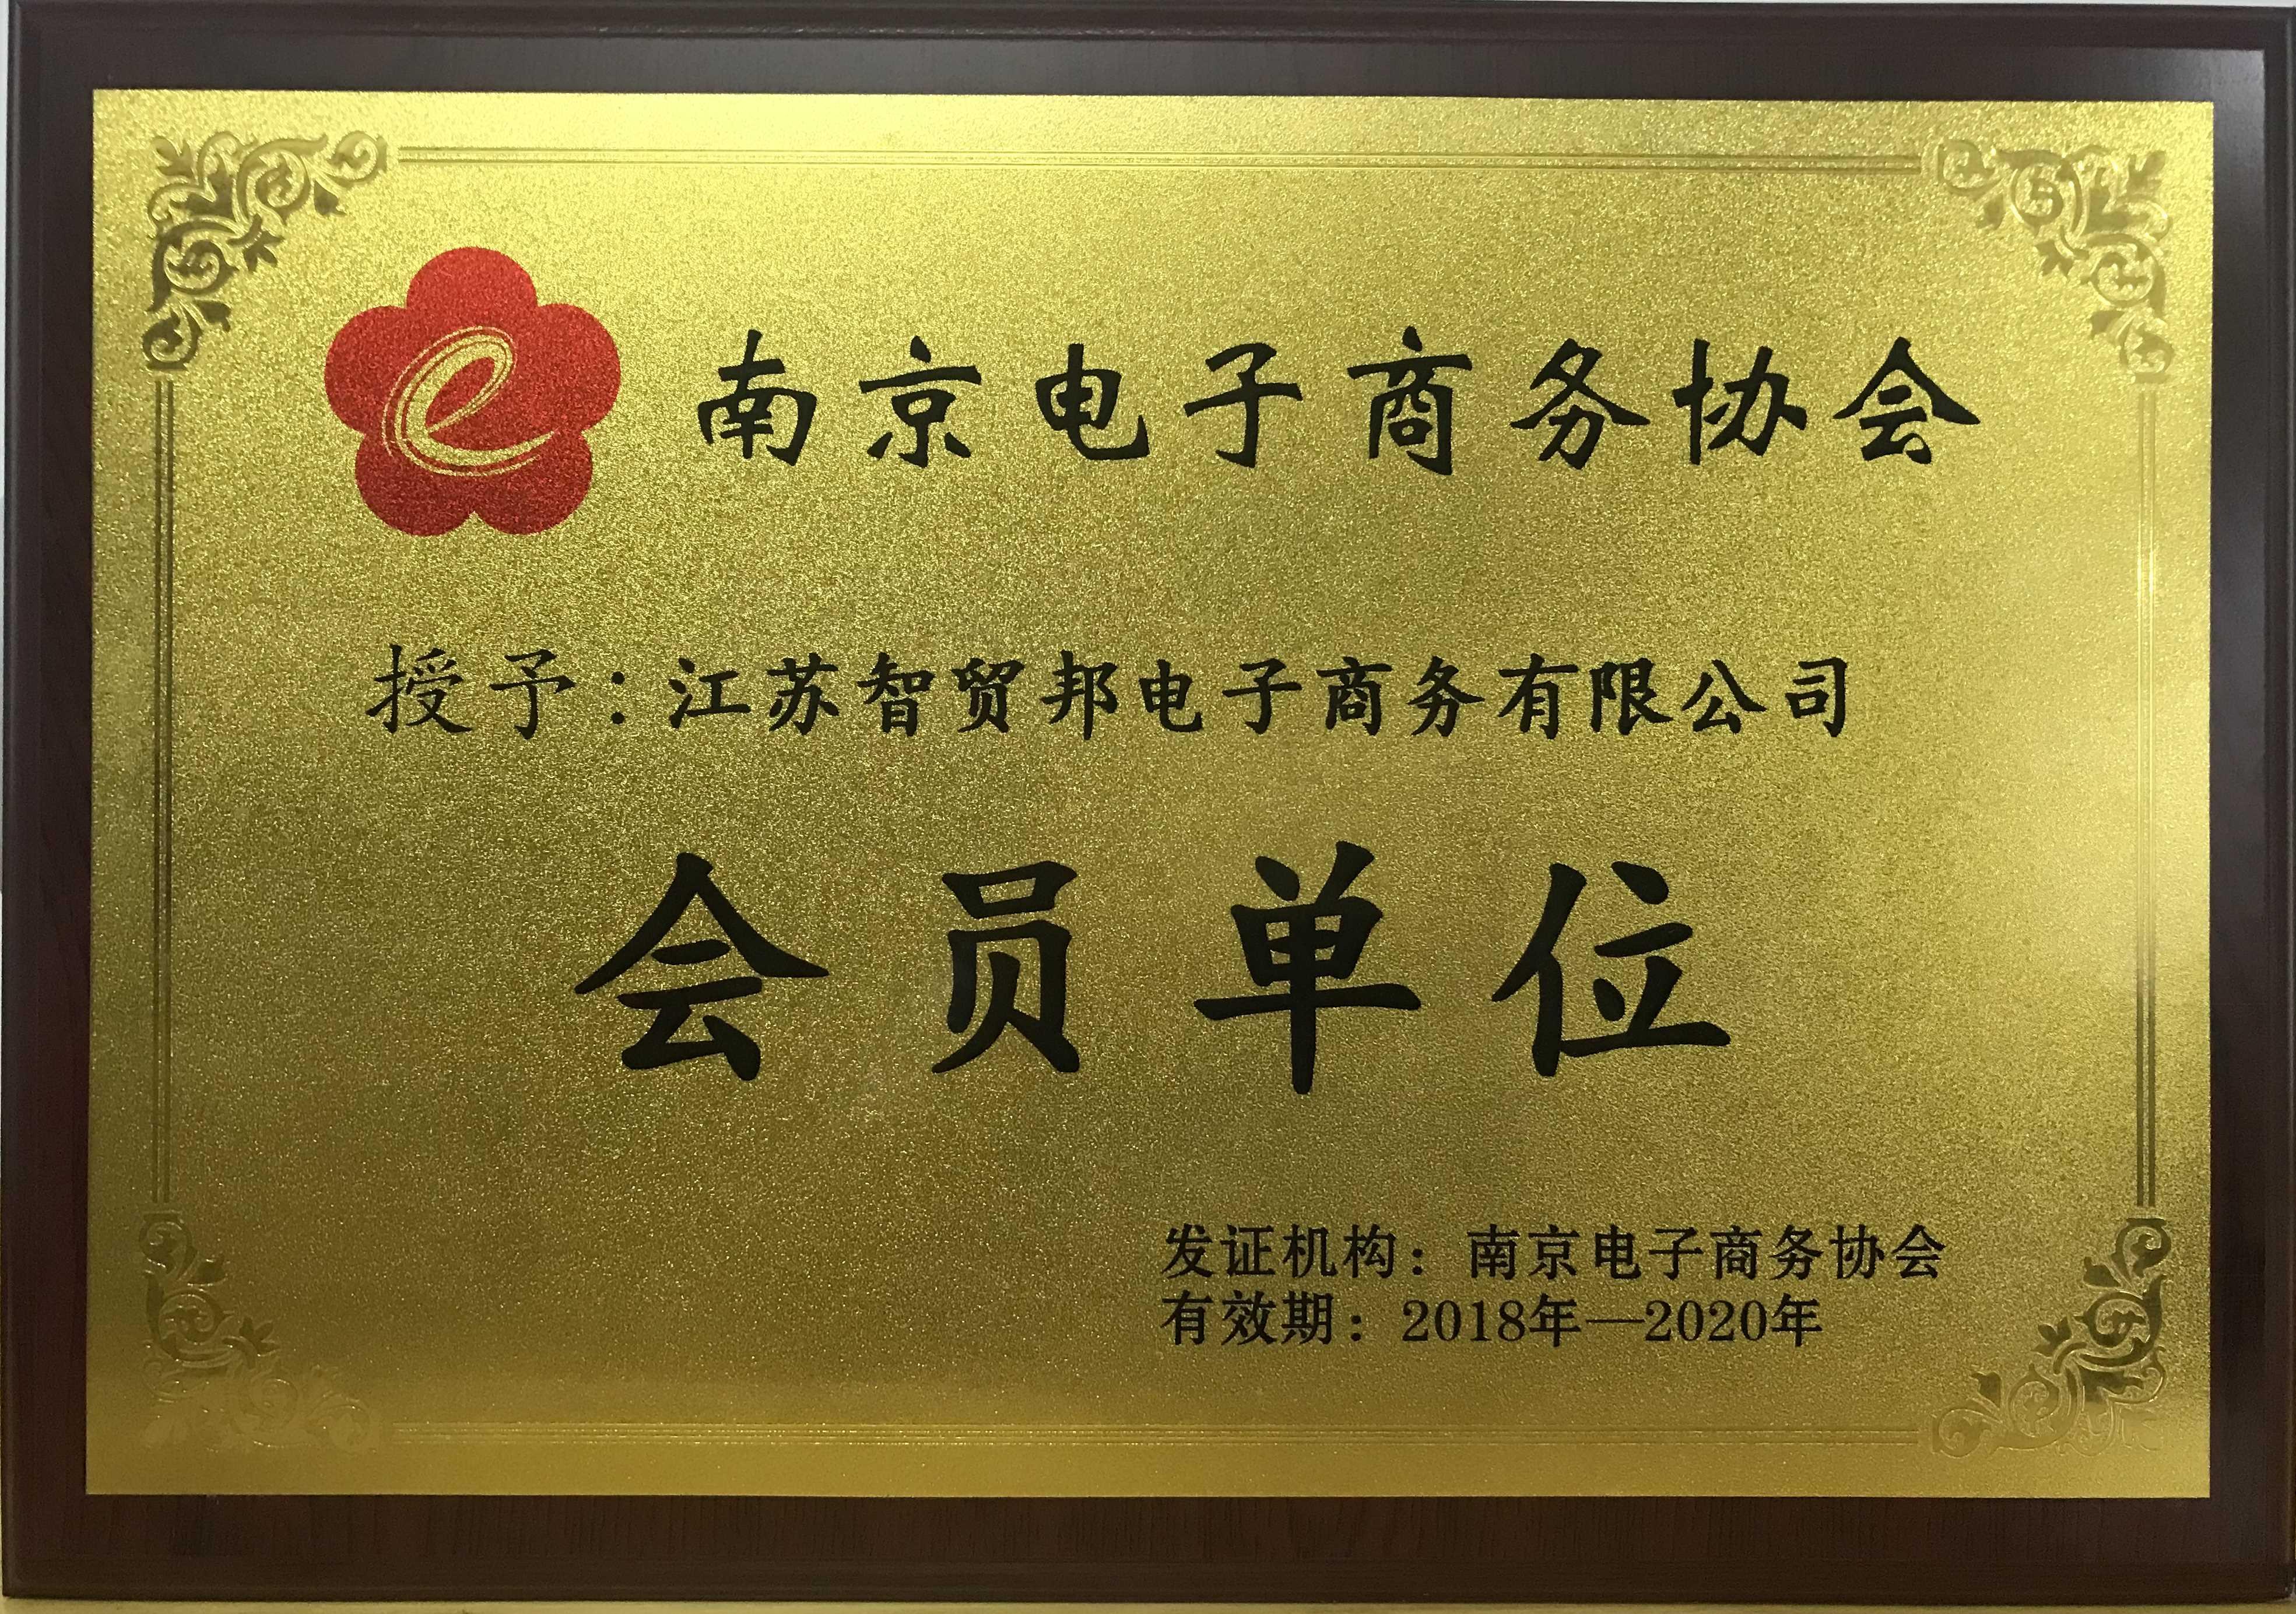 南京市電子商務協會會員單位